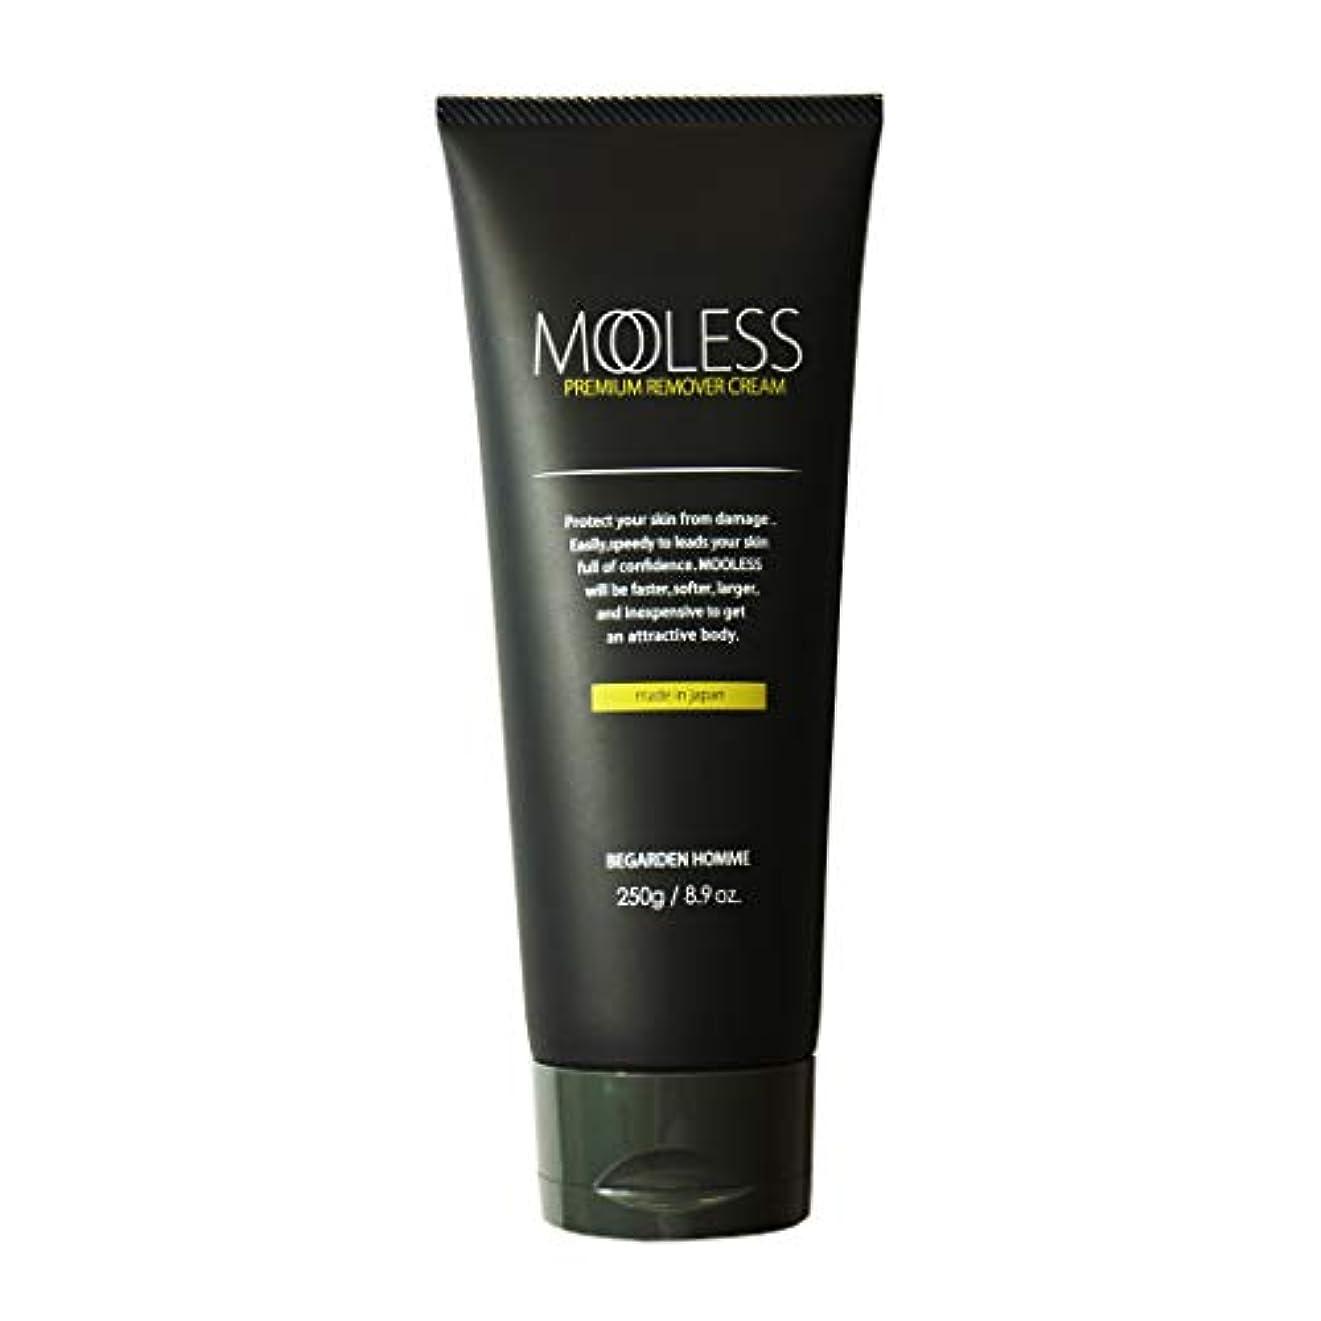 行く比較的傾向があるMOOLESS 除毛クリーム 250g 医薬部外品